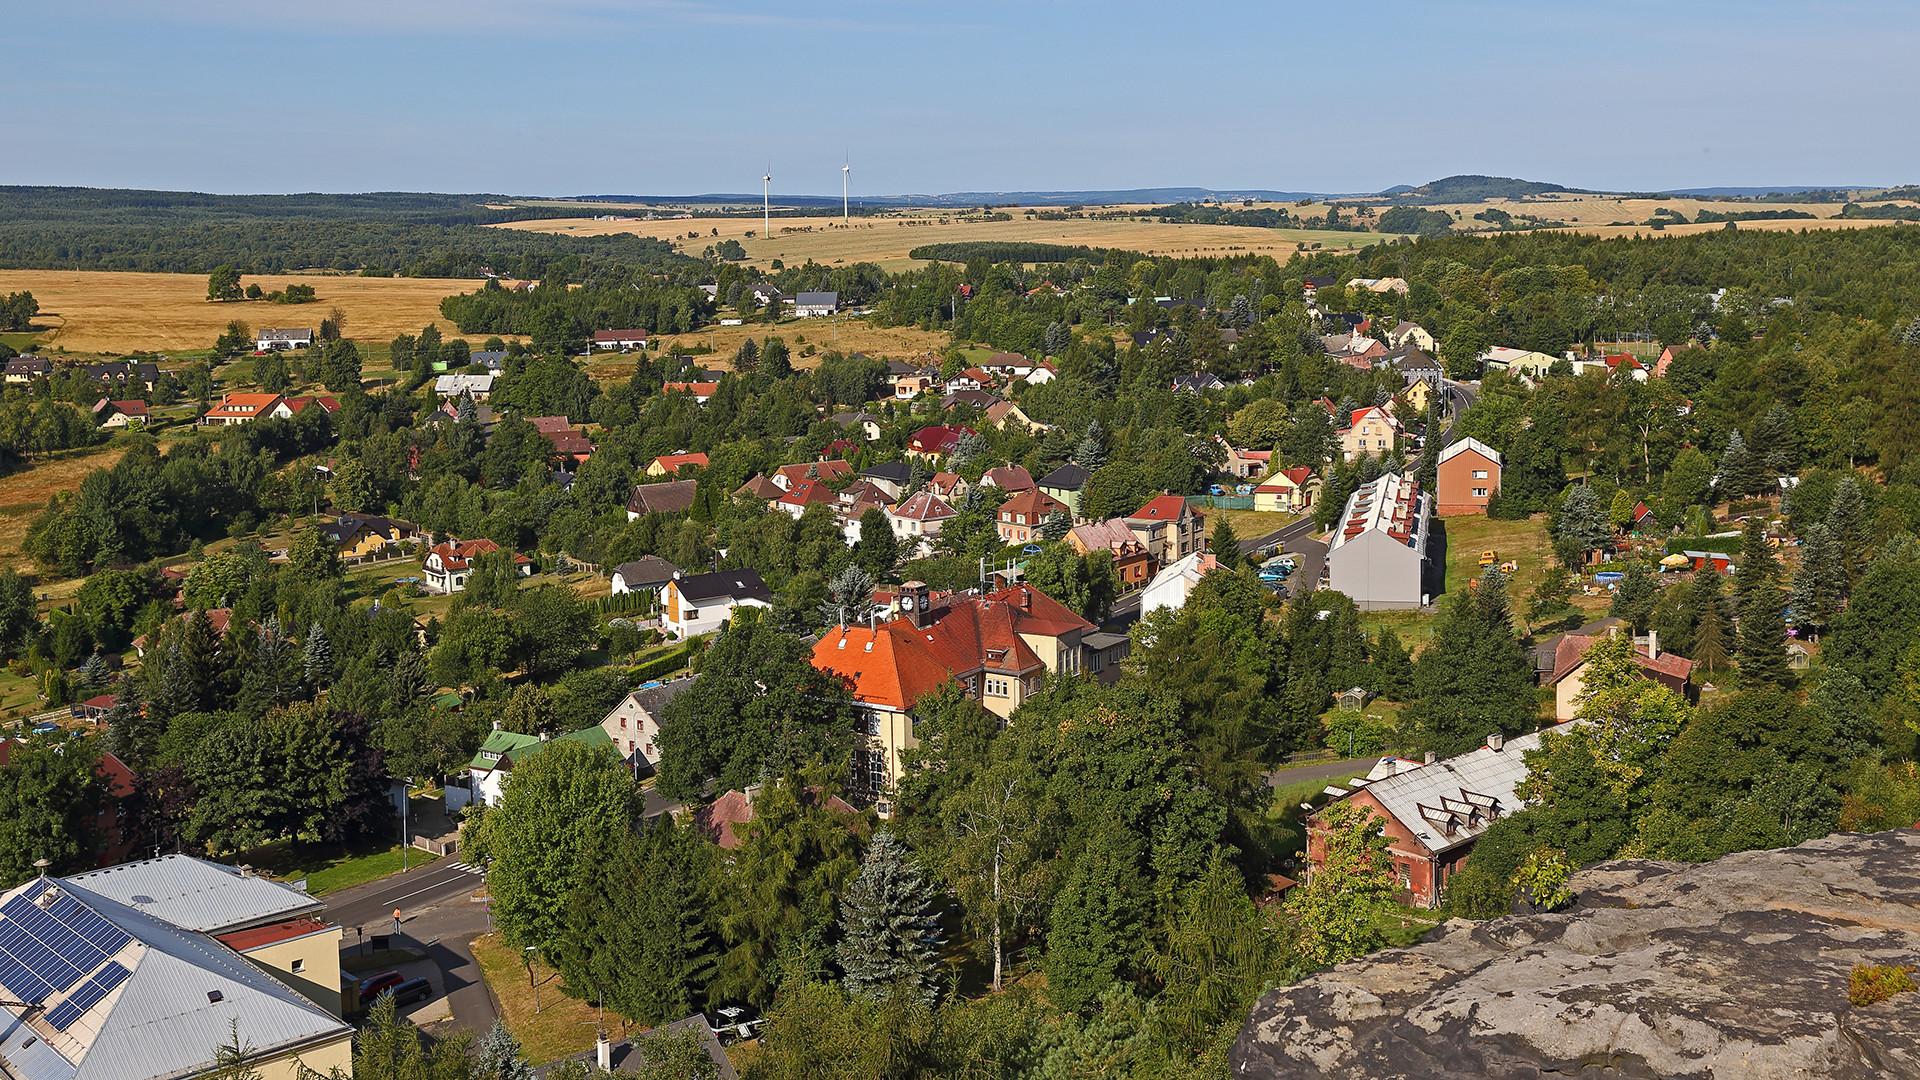 Blick zum hübschen böhmischen Ort Tisa von den Tissaer Wänden aus ..